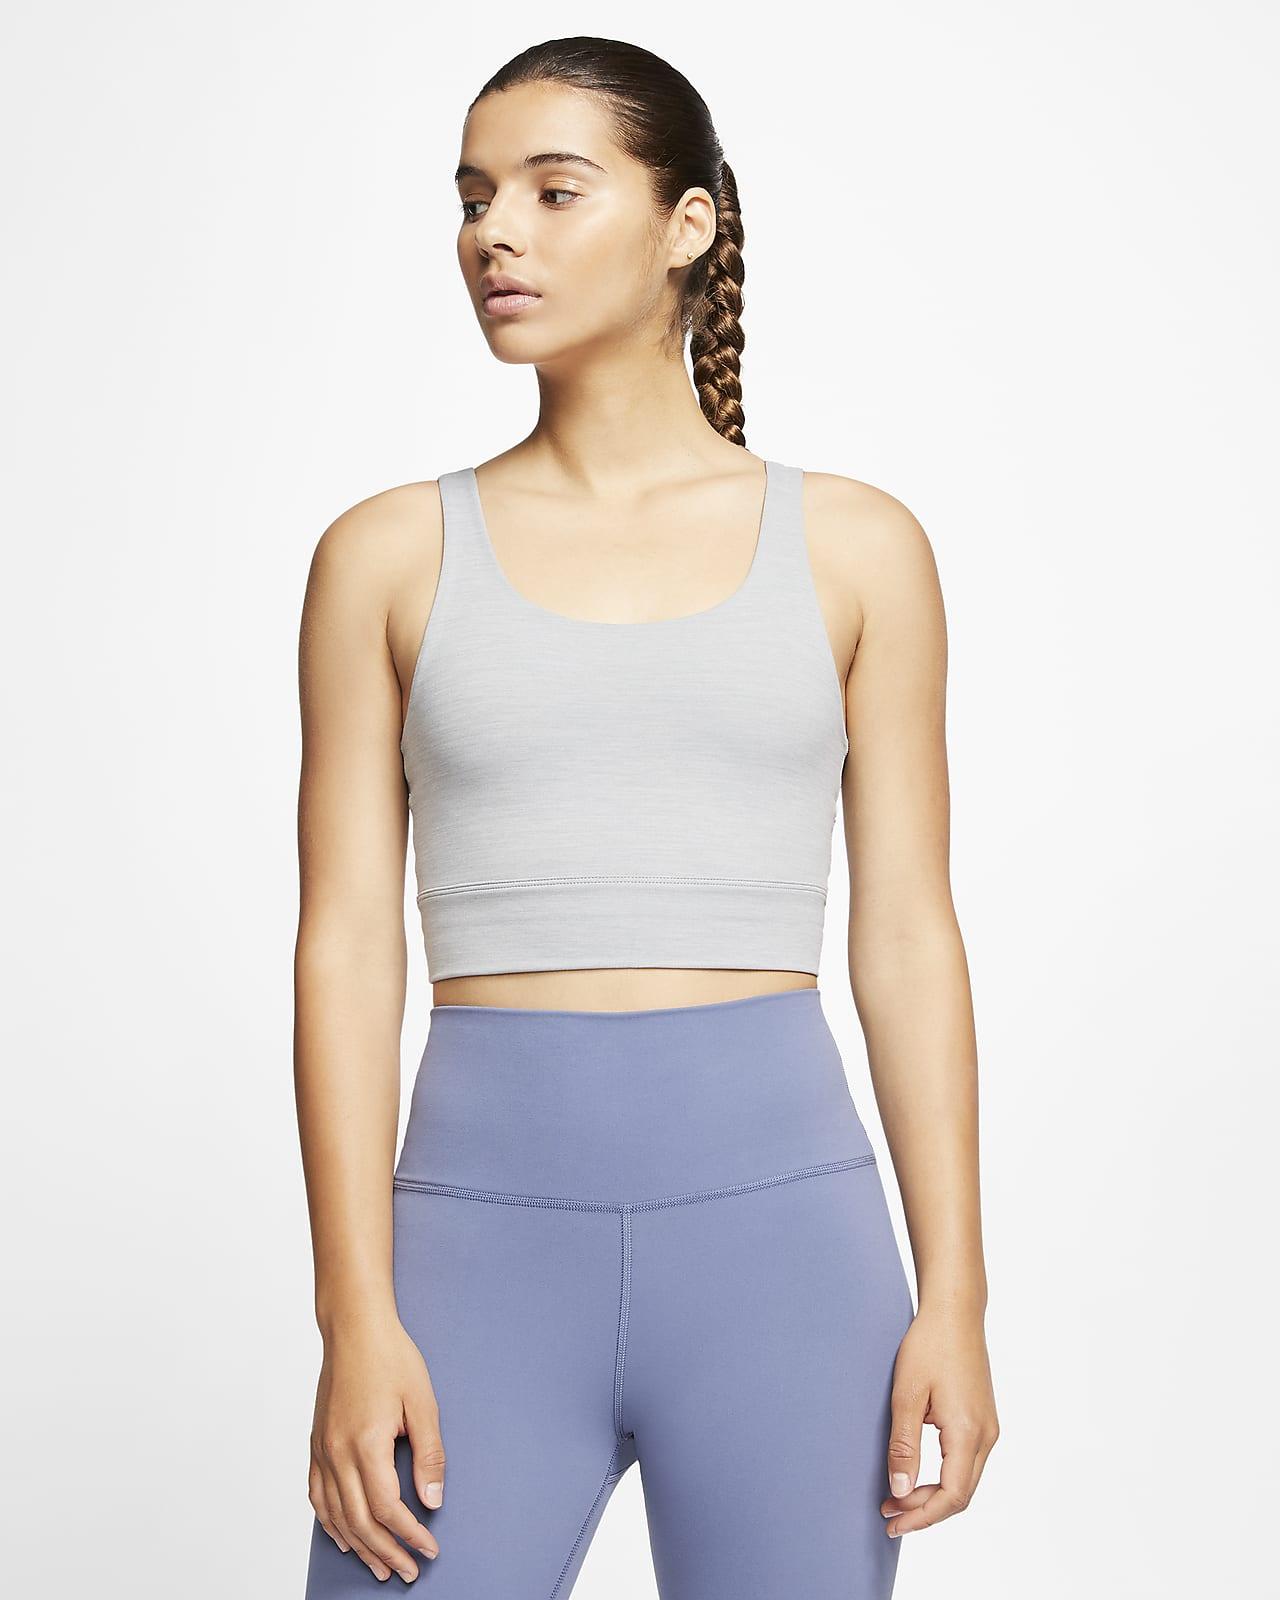 Женская укороченная футболка из ткани Infinalon Nike Yoga Luxe